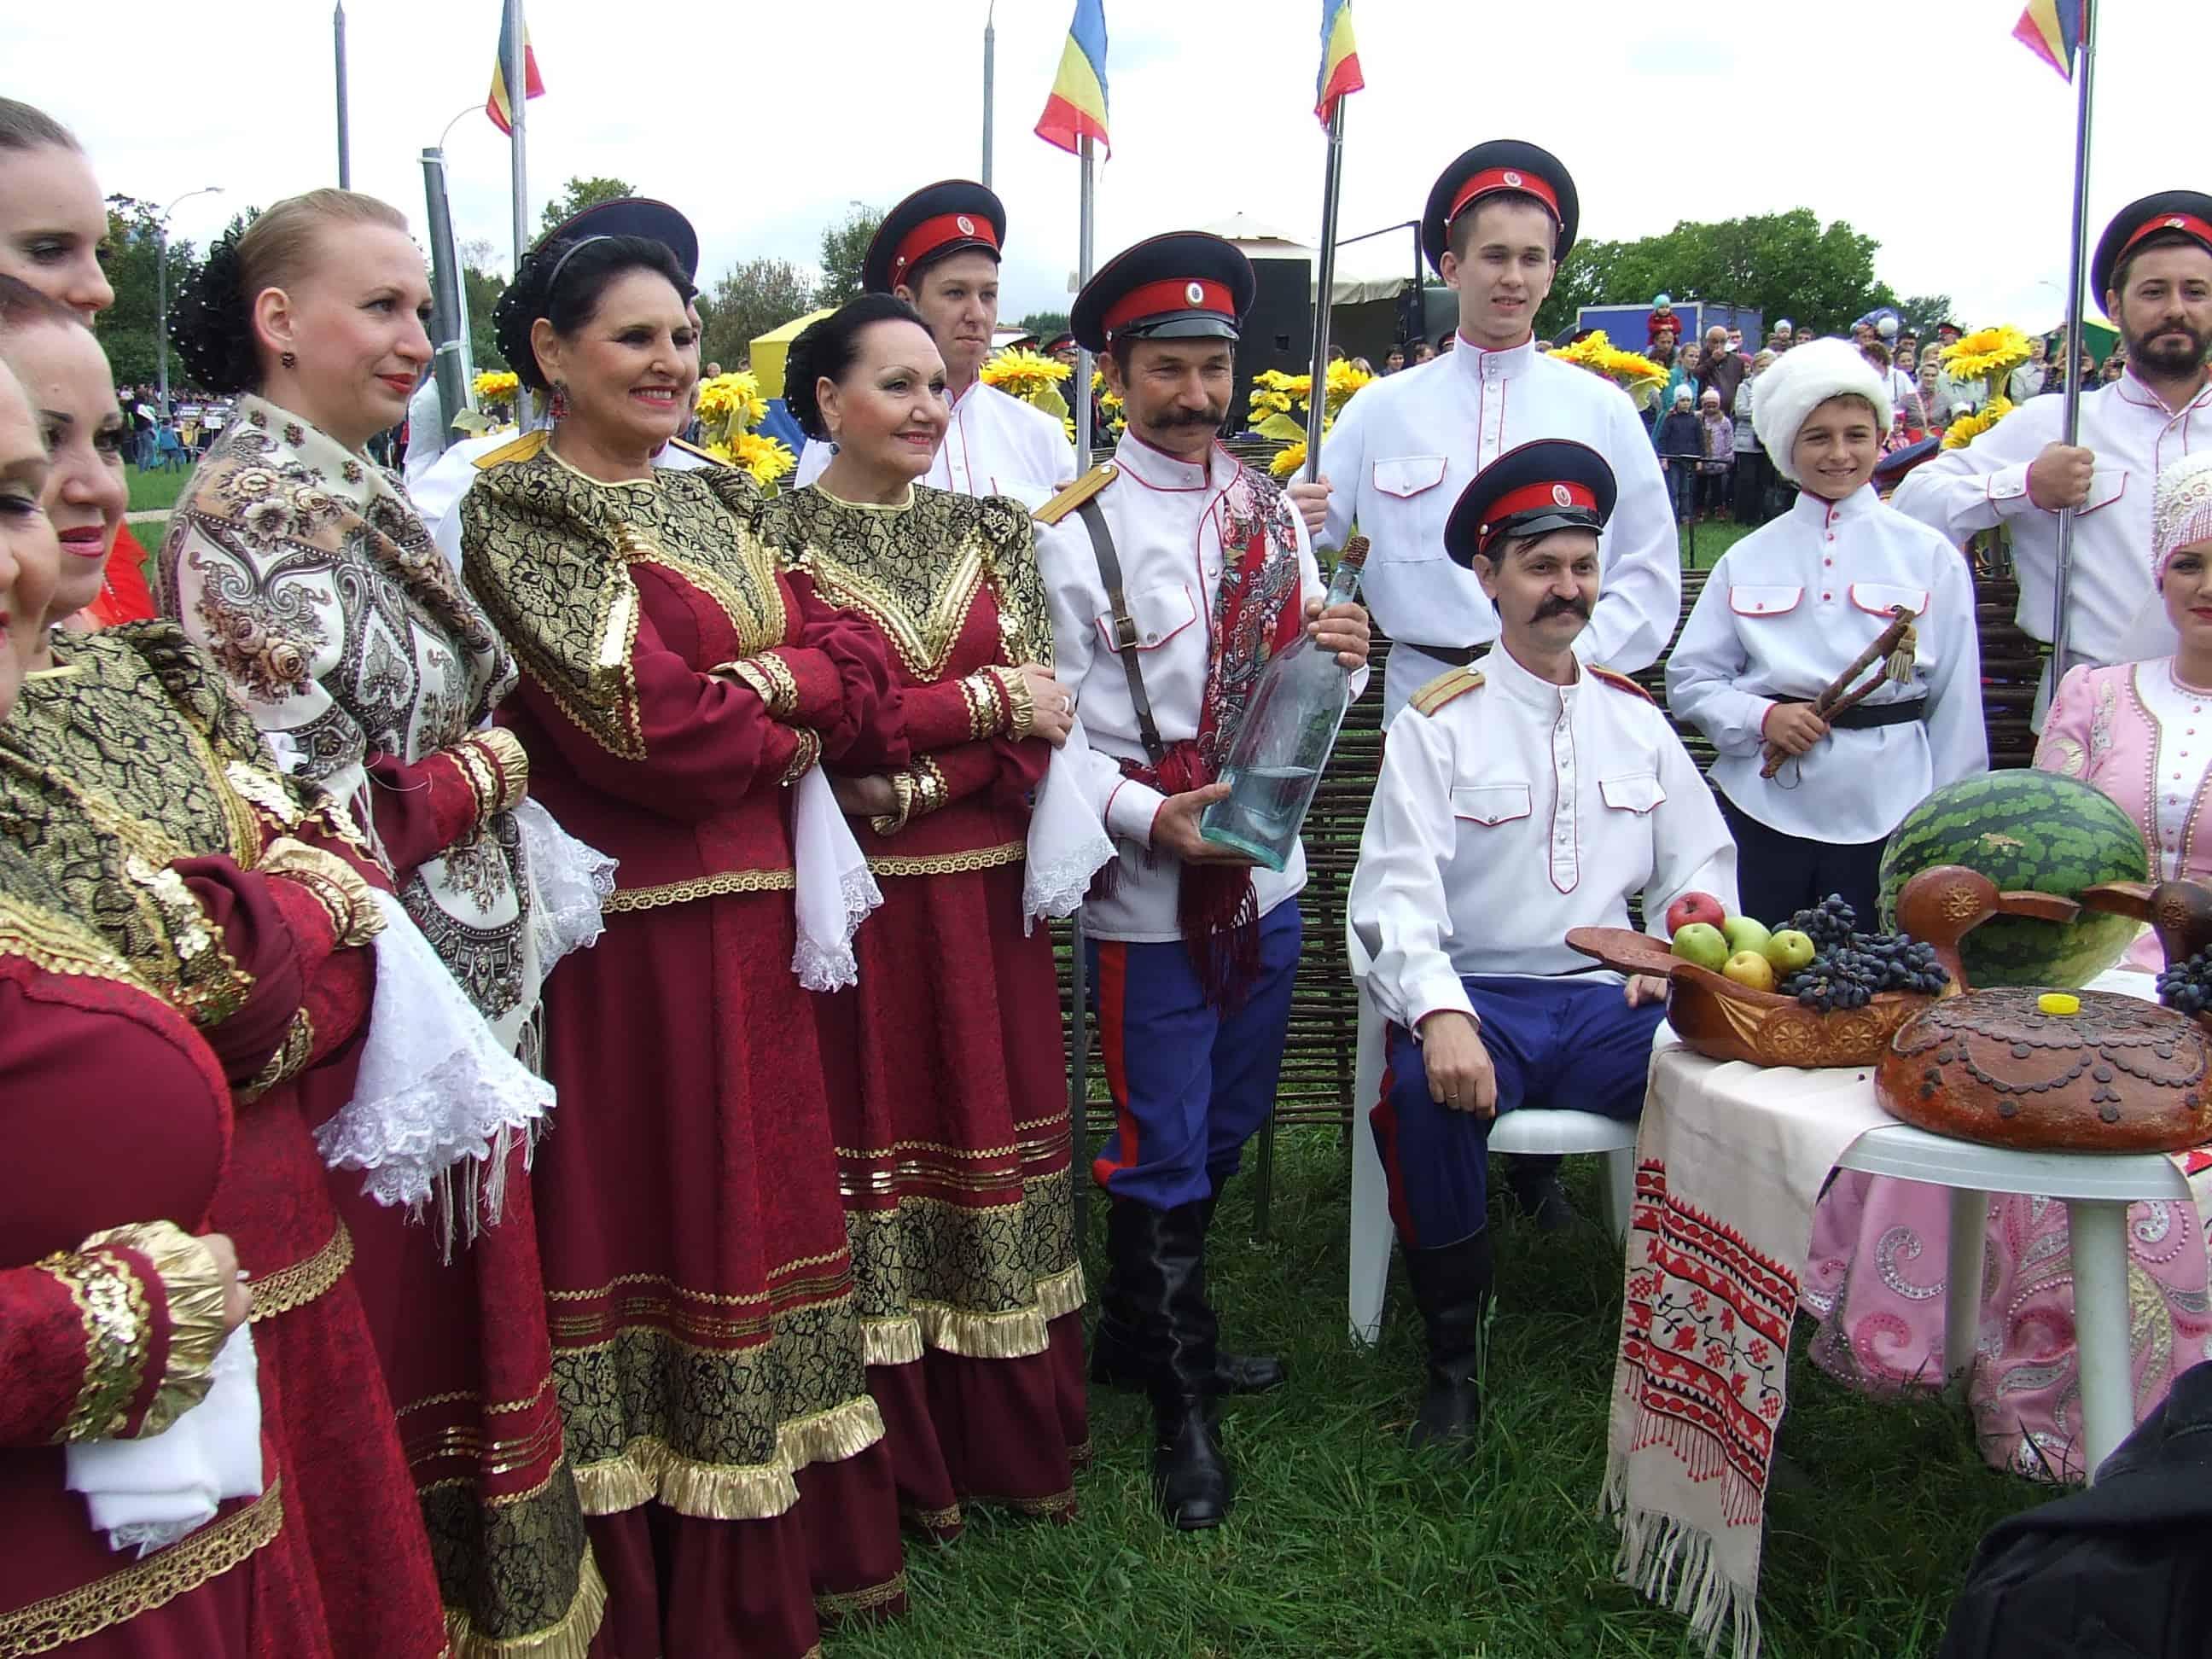 Photo of Фестиваль «Казачья станица Москва»  Фестиваль «Казачья станица Москва» 1 35